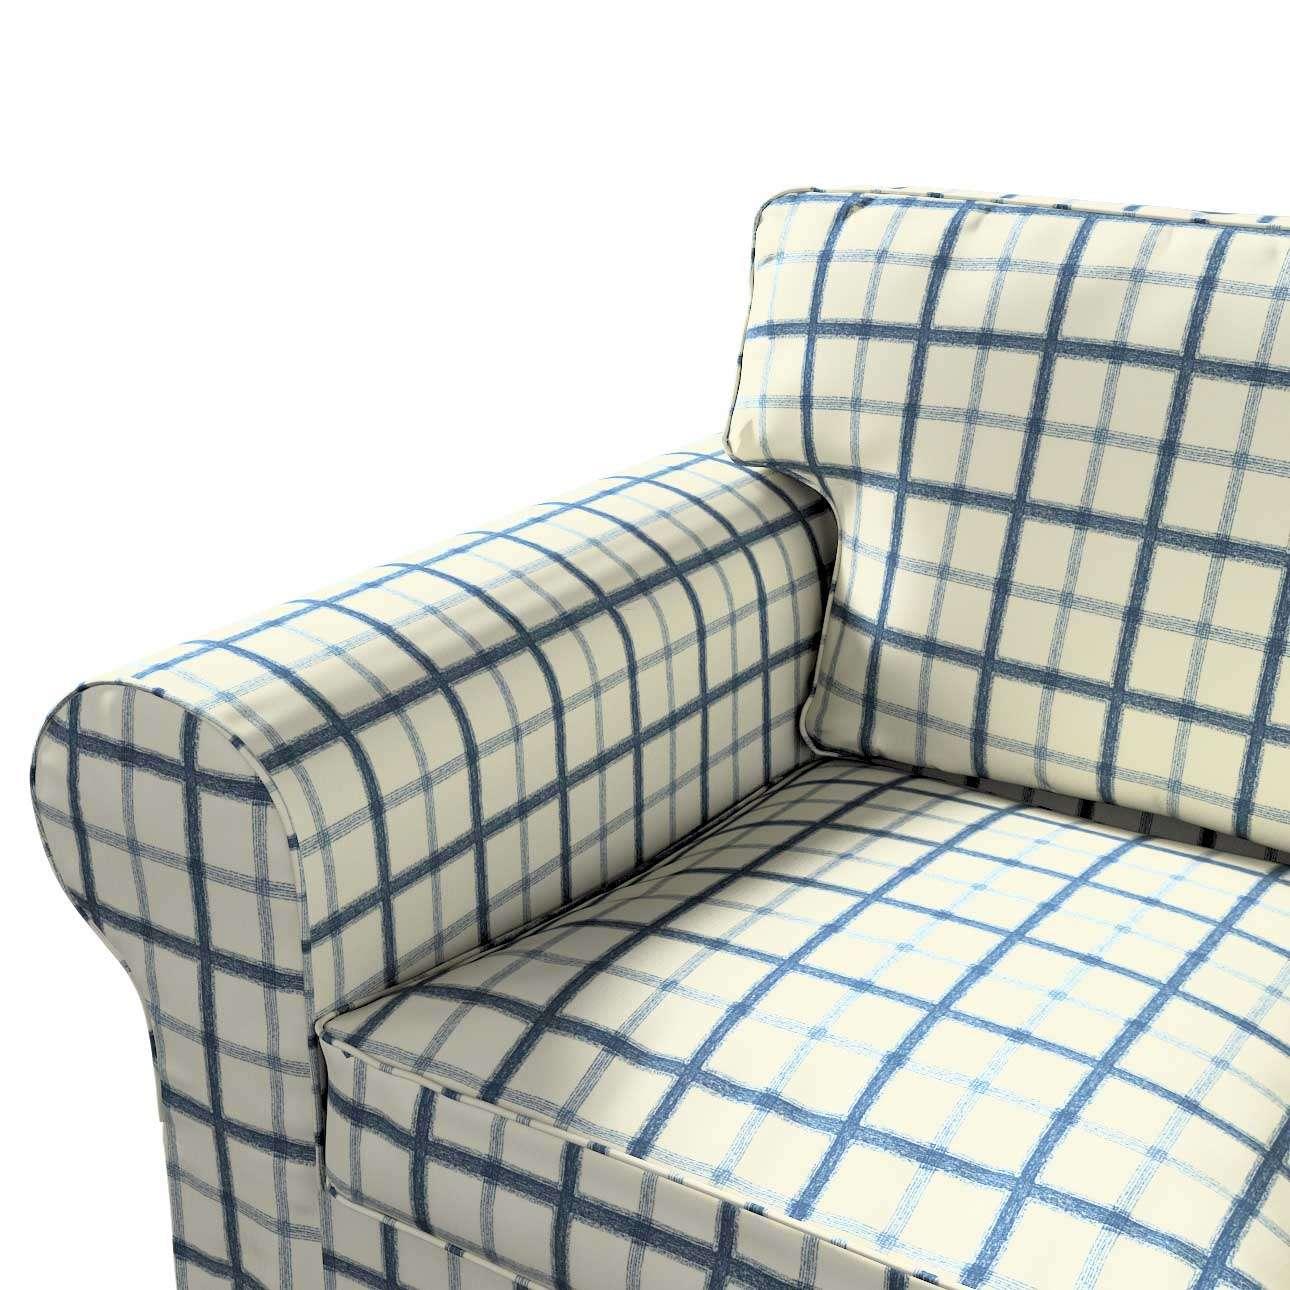 Ektorp 2 sæder Betræk uden sofa fra kollektionen Avinon, Stof: 131-66